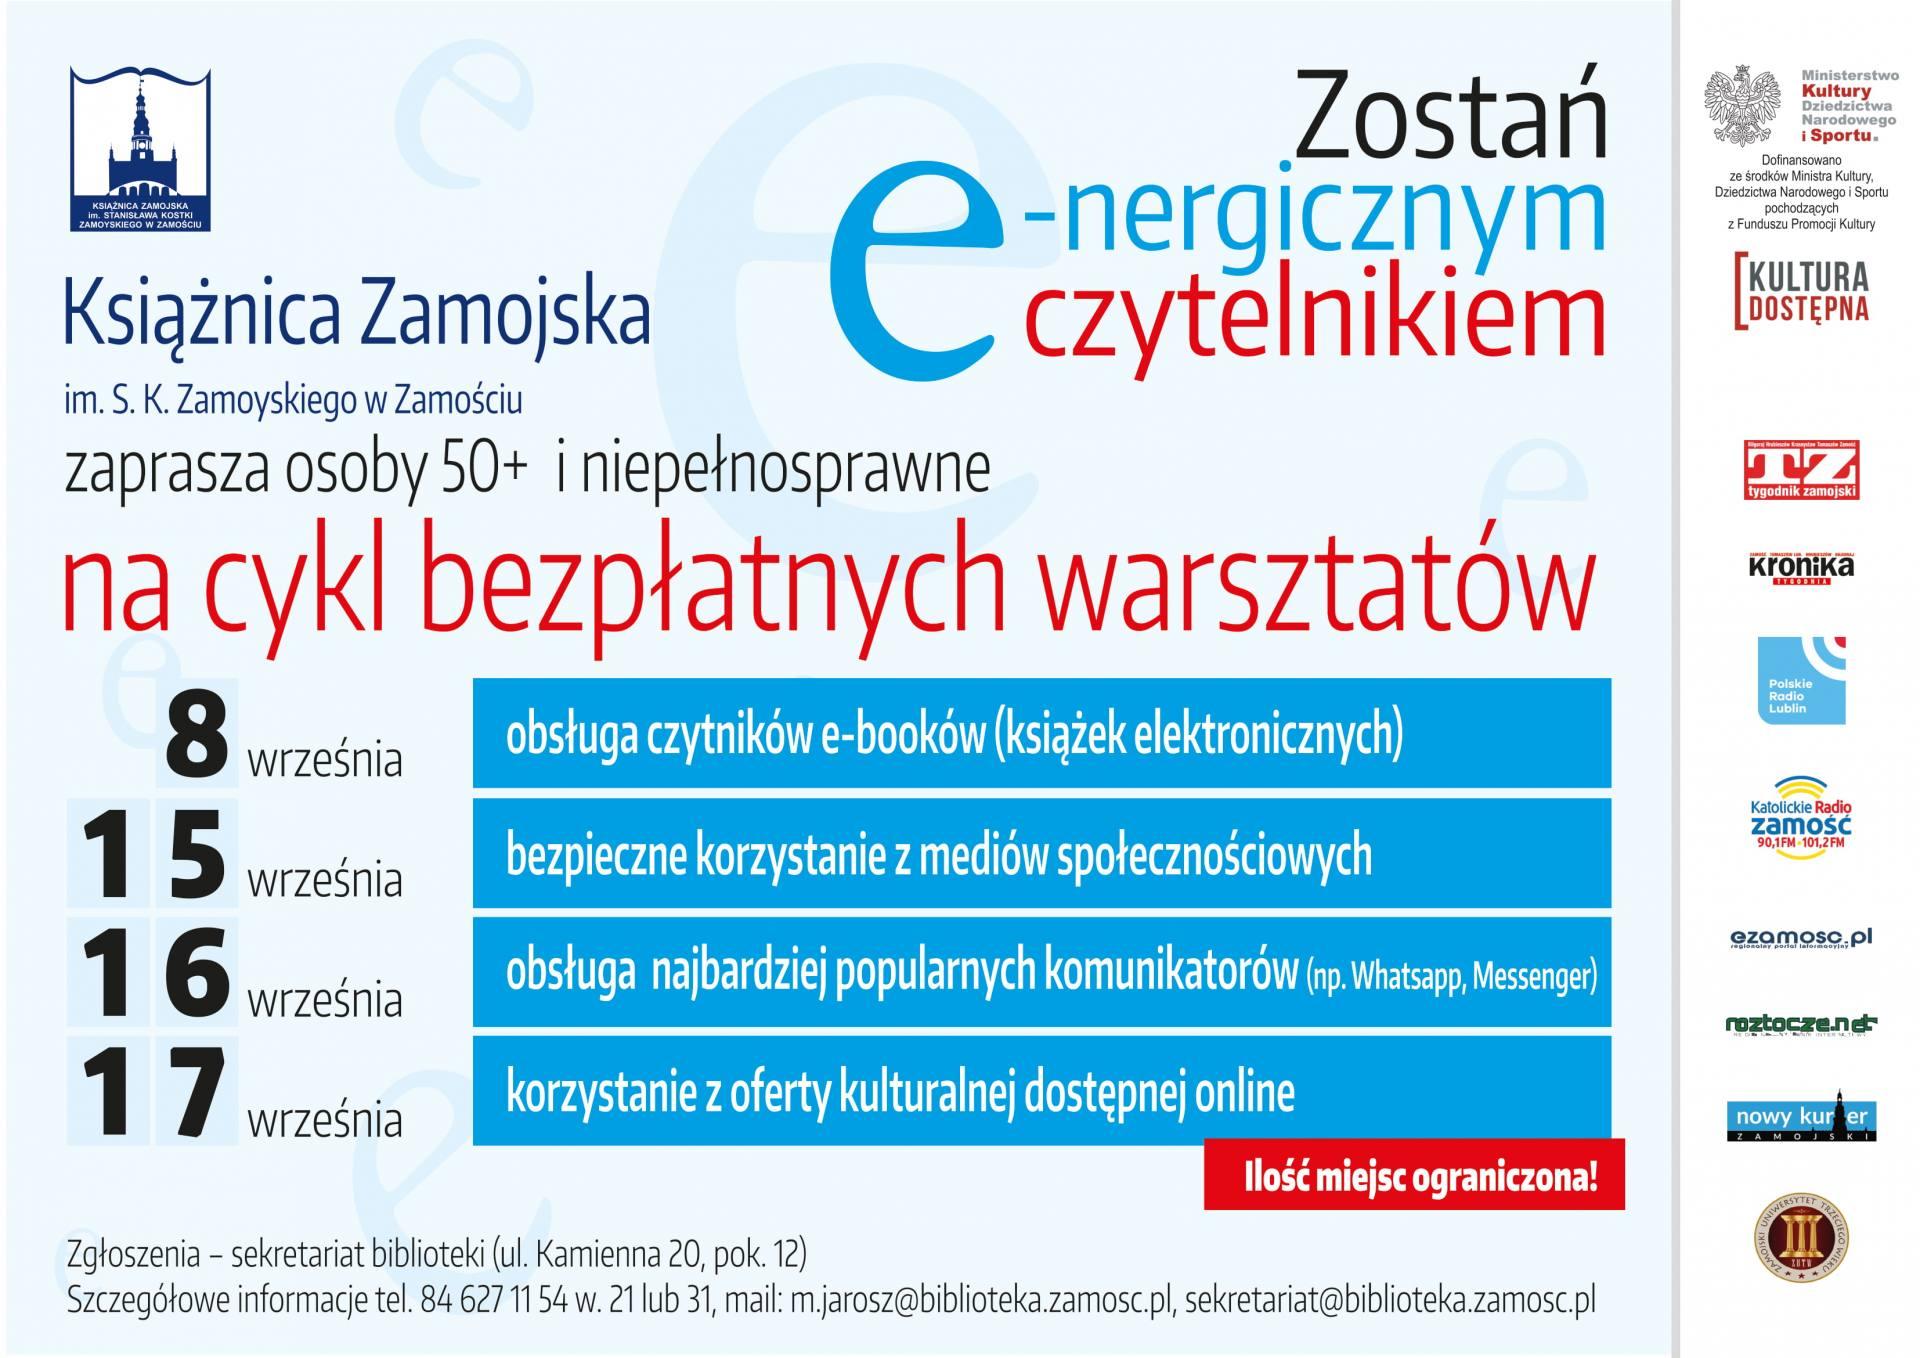 plakat 2 Warsztaty dla e-nergicznych czytelników